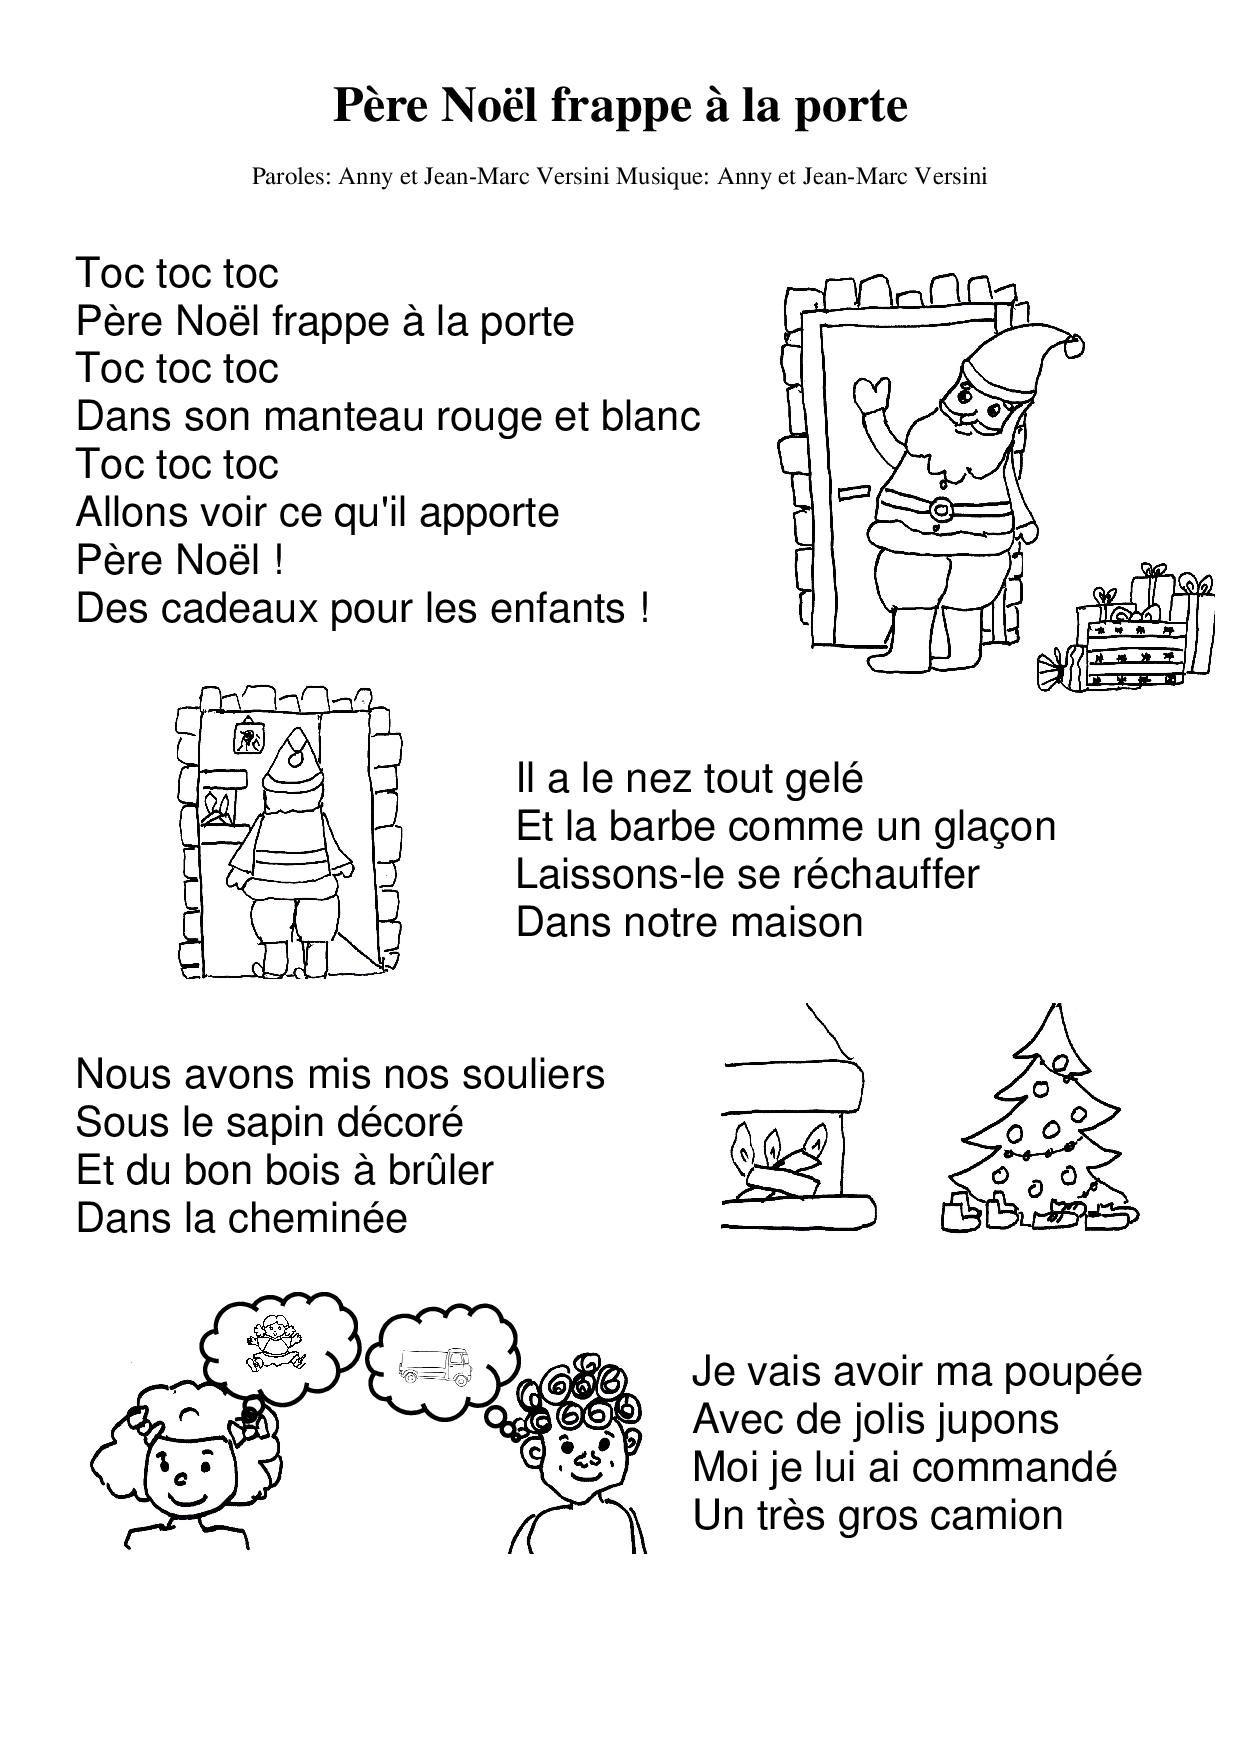 Père Noël Frappe À La Porte | Chanson Noel Maternelle encequiconcerne Chanson Dans Son Manteau Rouge Et Blanc